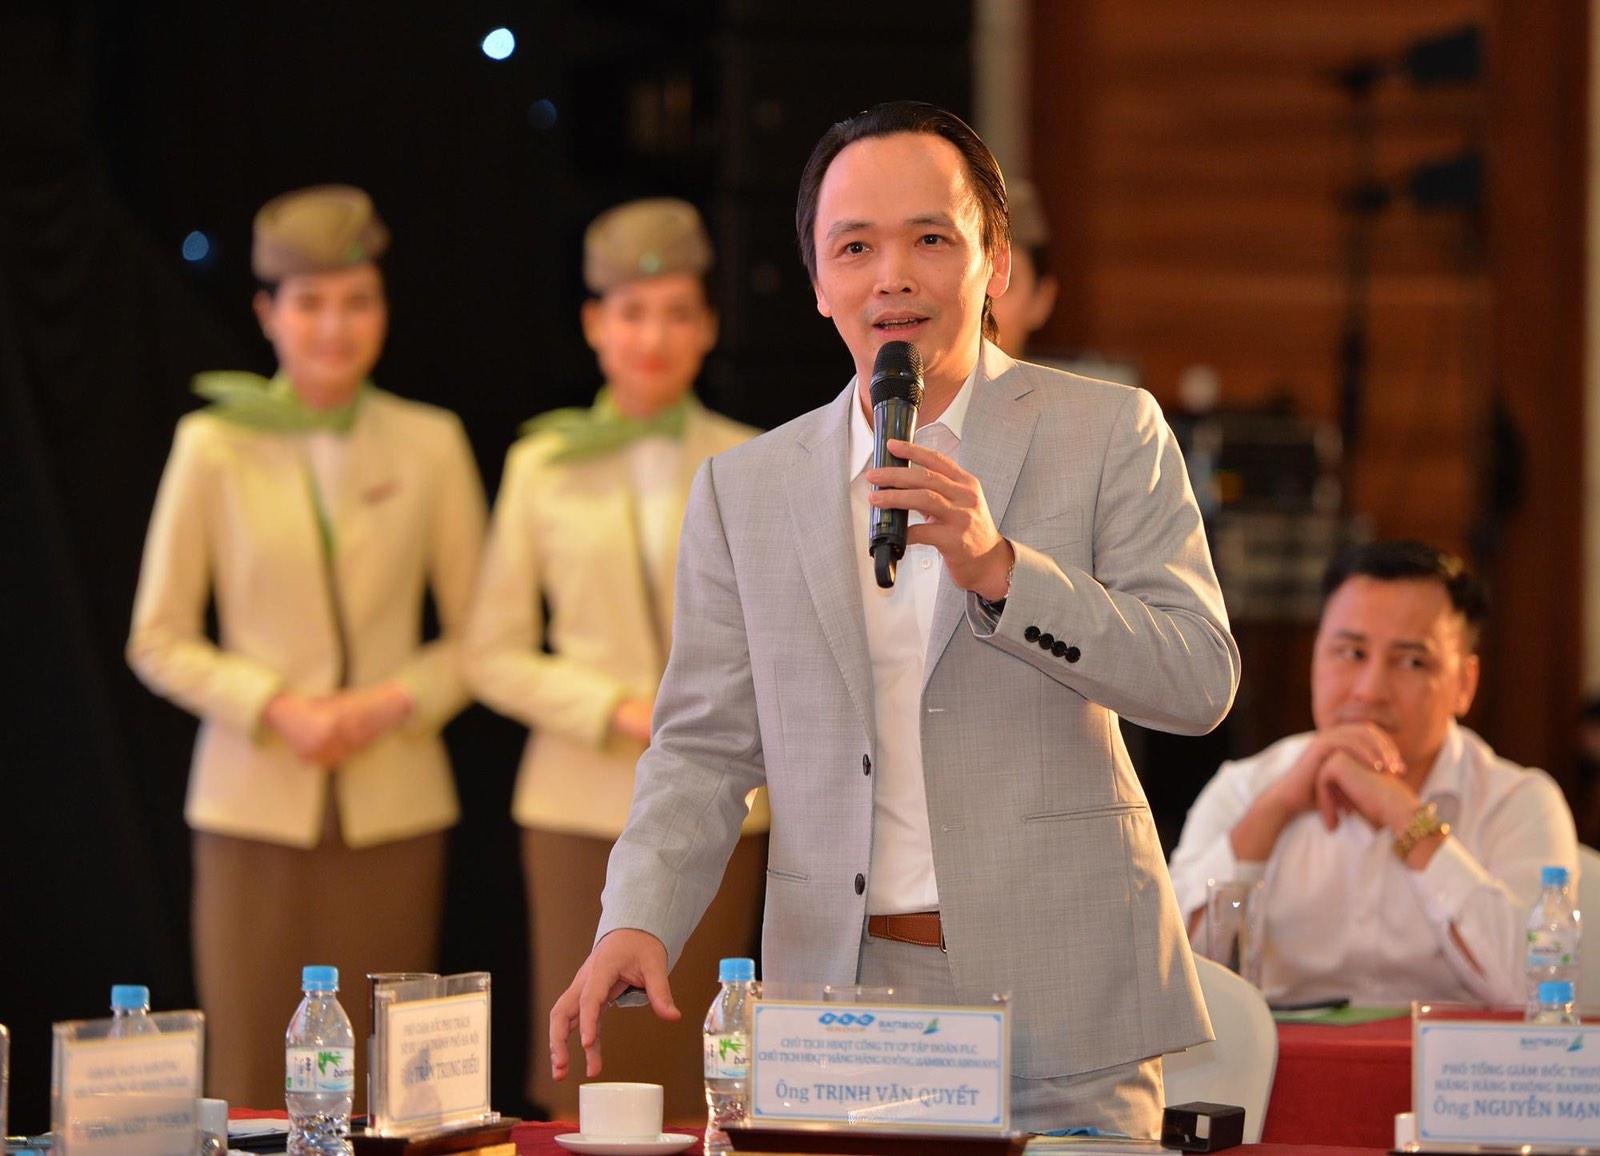 Chủ tịch Bamboo Airways: Mong muốn góp sức để du lịch Côn Đảo phát triển hết tiềm năng - Ảnh 2